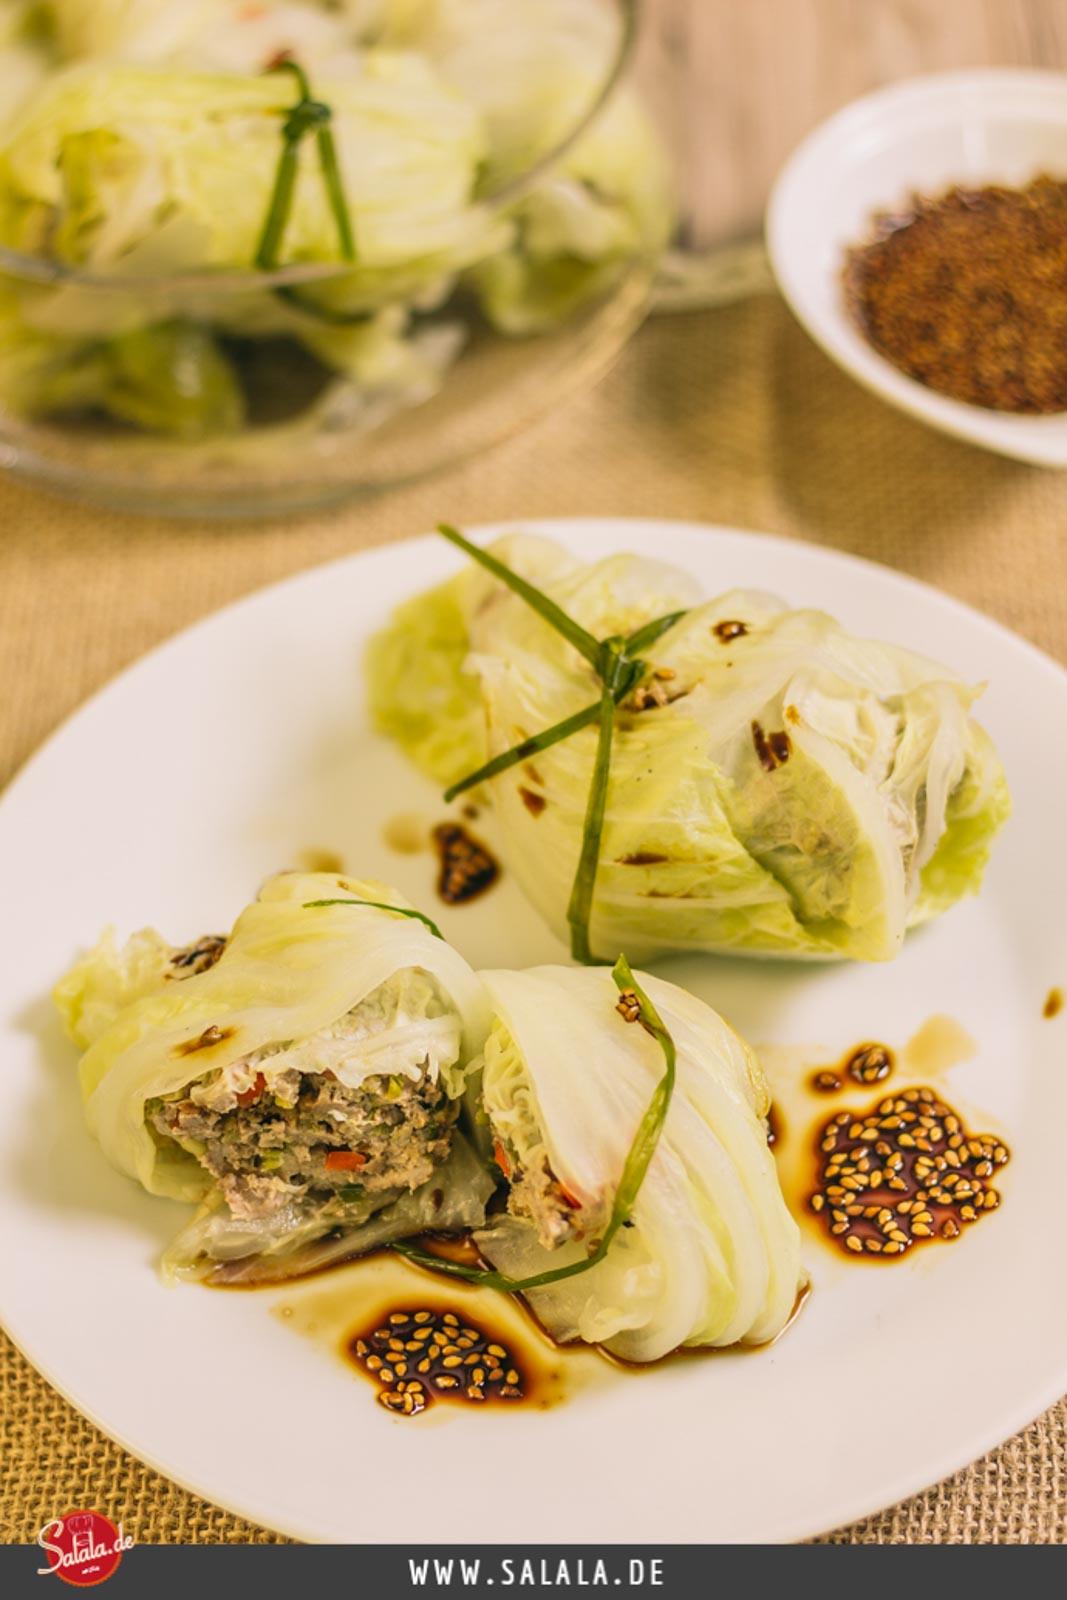 Gefüllte Chinakohlröllchen low carb - by salala.de - Low Carb Hautpgericht, Schweinefilet, Sesam, Sojasauce Asiatisch glutenfrei Rezept